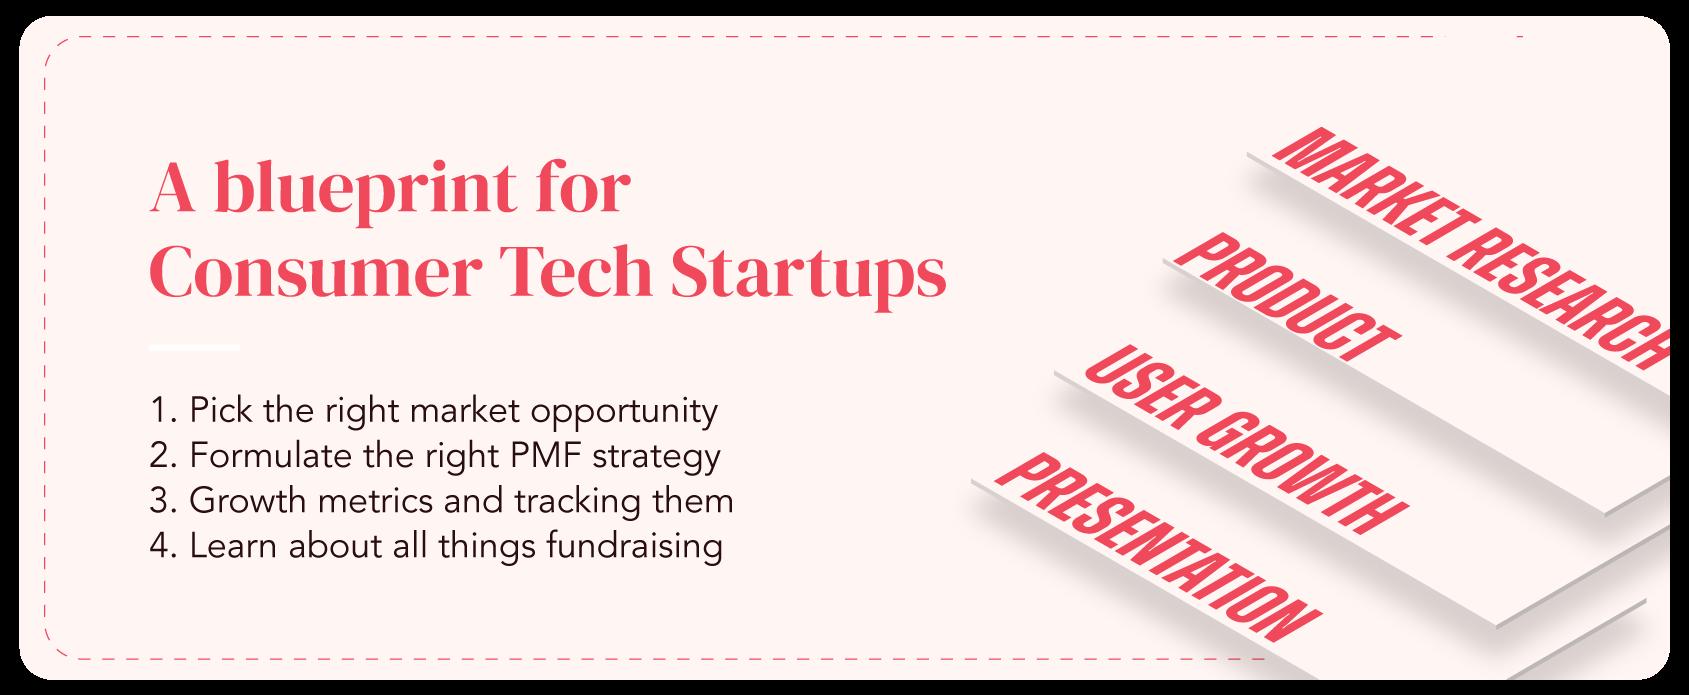 Founder Stack Program designed for Consumer Tech startups